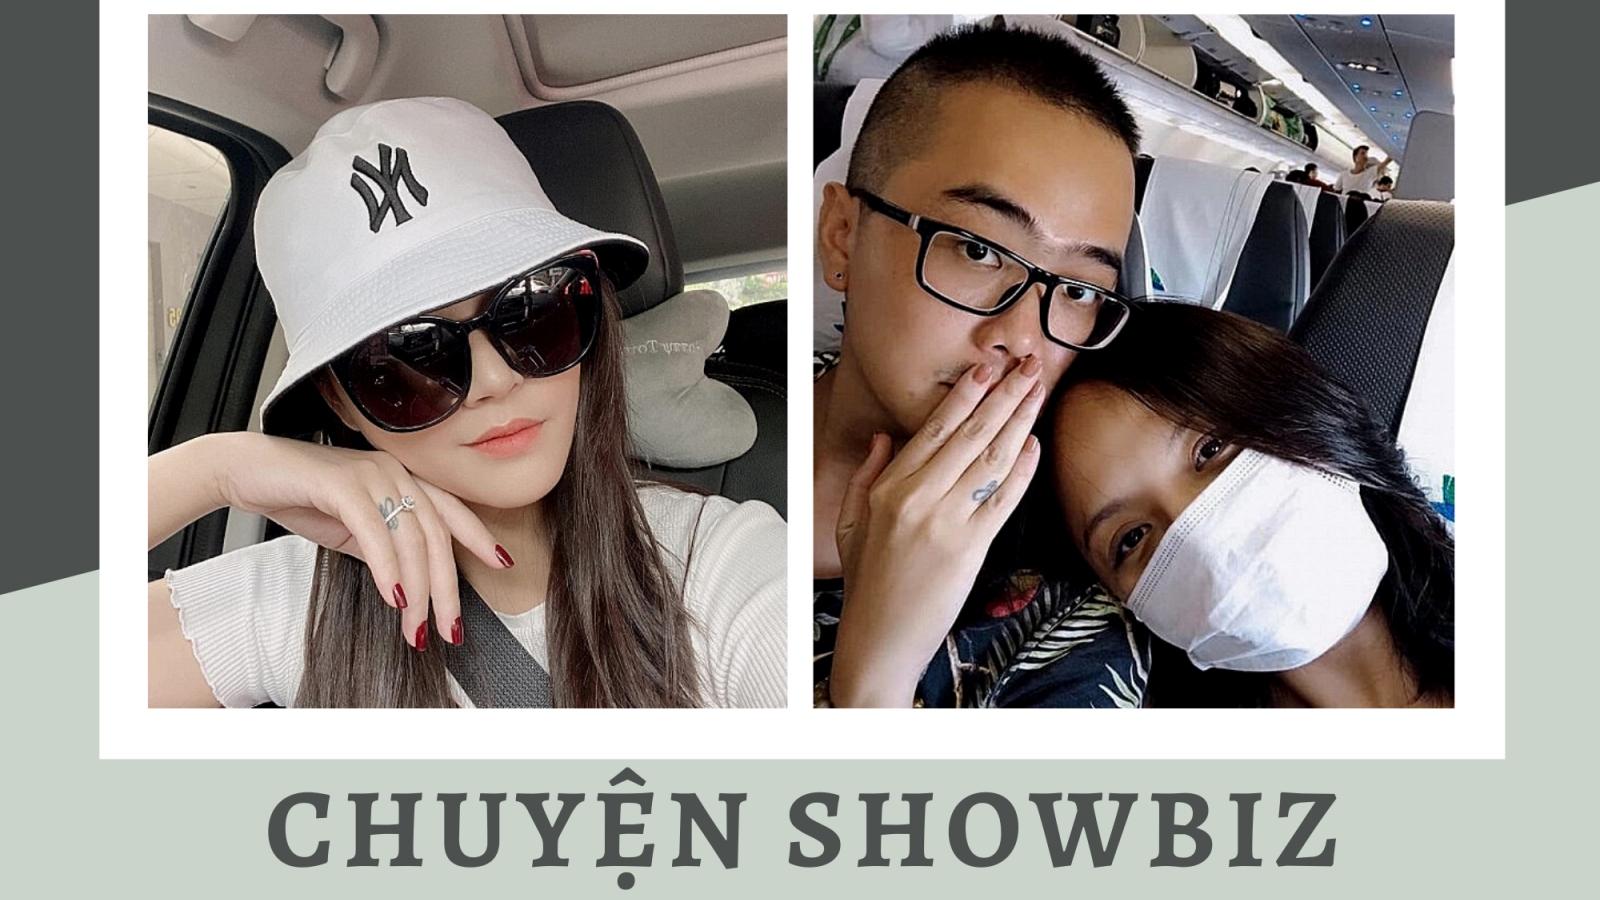 Chuyện showbiz: Thu Quỳnh đeo nhẫn ở ngón áp út, đã nhận lời cầu hôn của bạn trai?